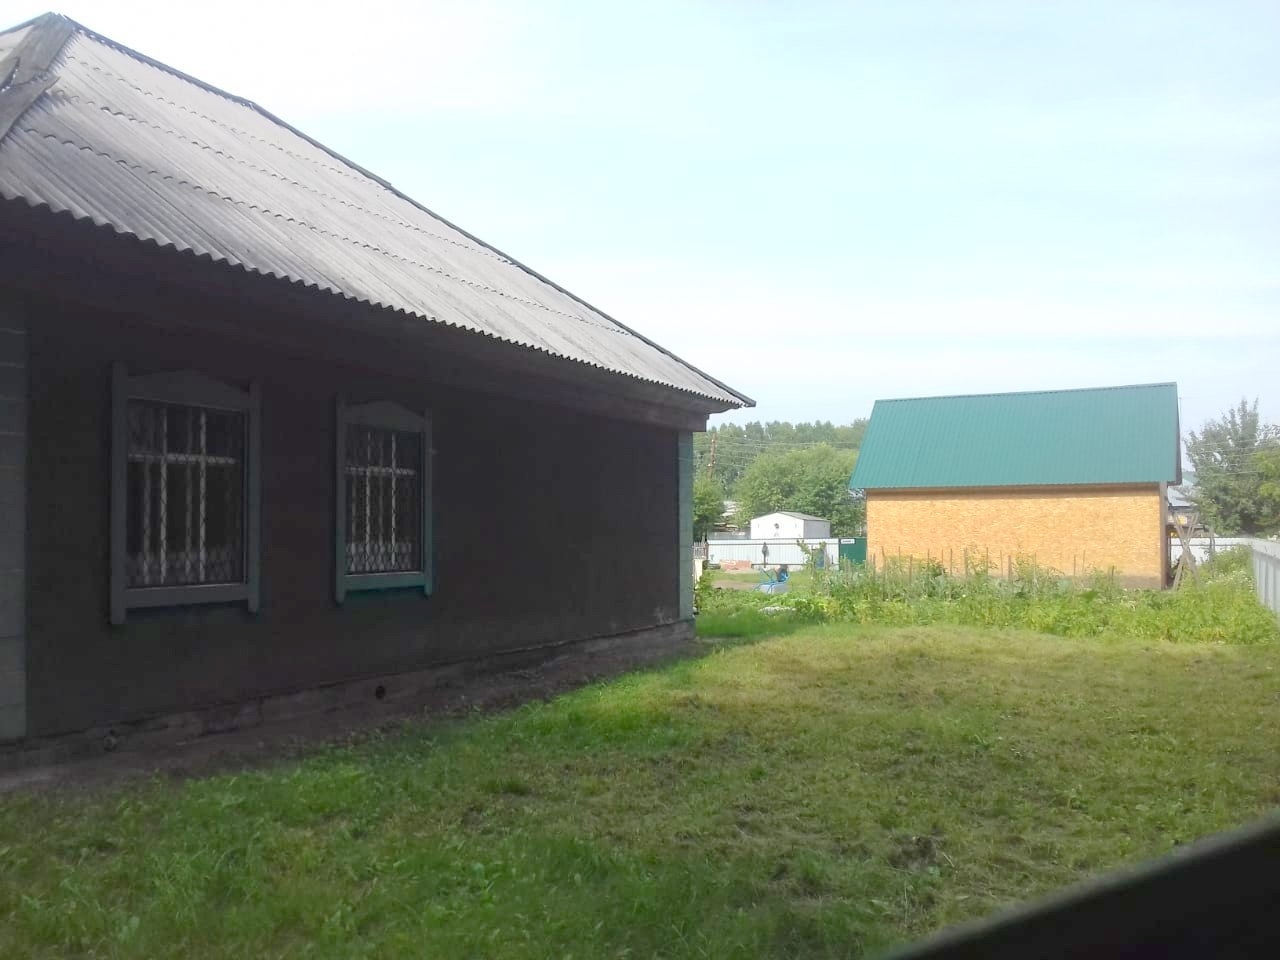 Дом на продажу по адресу Россия, Алтайский край, р-н. Зональный, п. Мирный, ул. Сосновая